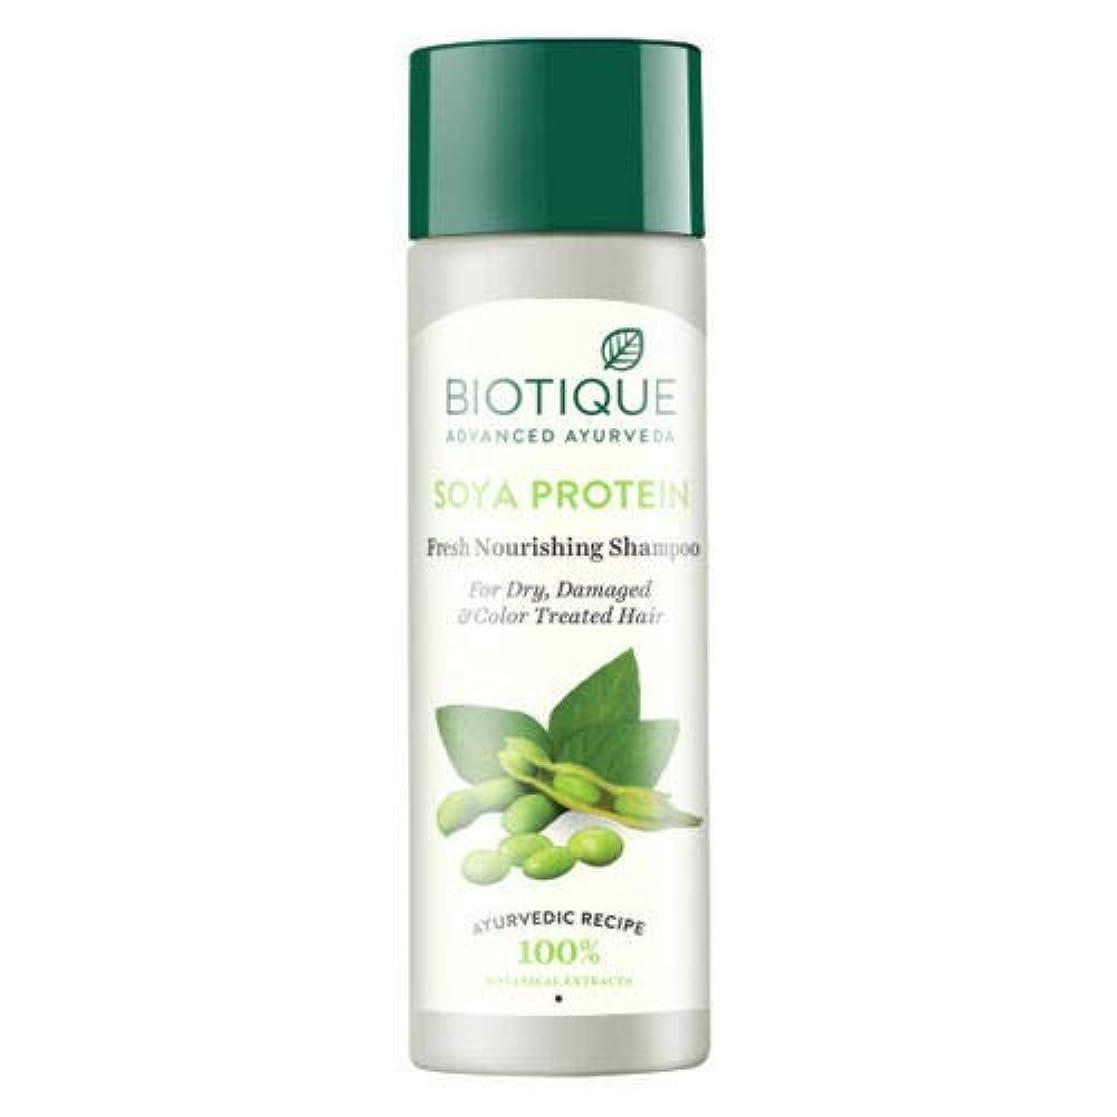 確実自体性差別Biotique Bio Soya Protein Fresh Nourishing Shampoo (190 ml) For Dry Hairs 乾いた毛のためのBiotiqueバイオ大豆タンパク質新鮮な栄養シャンプー